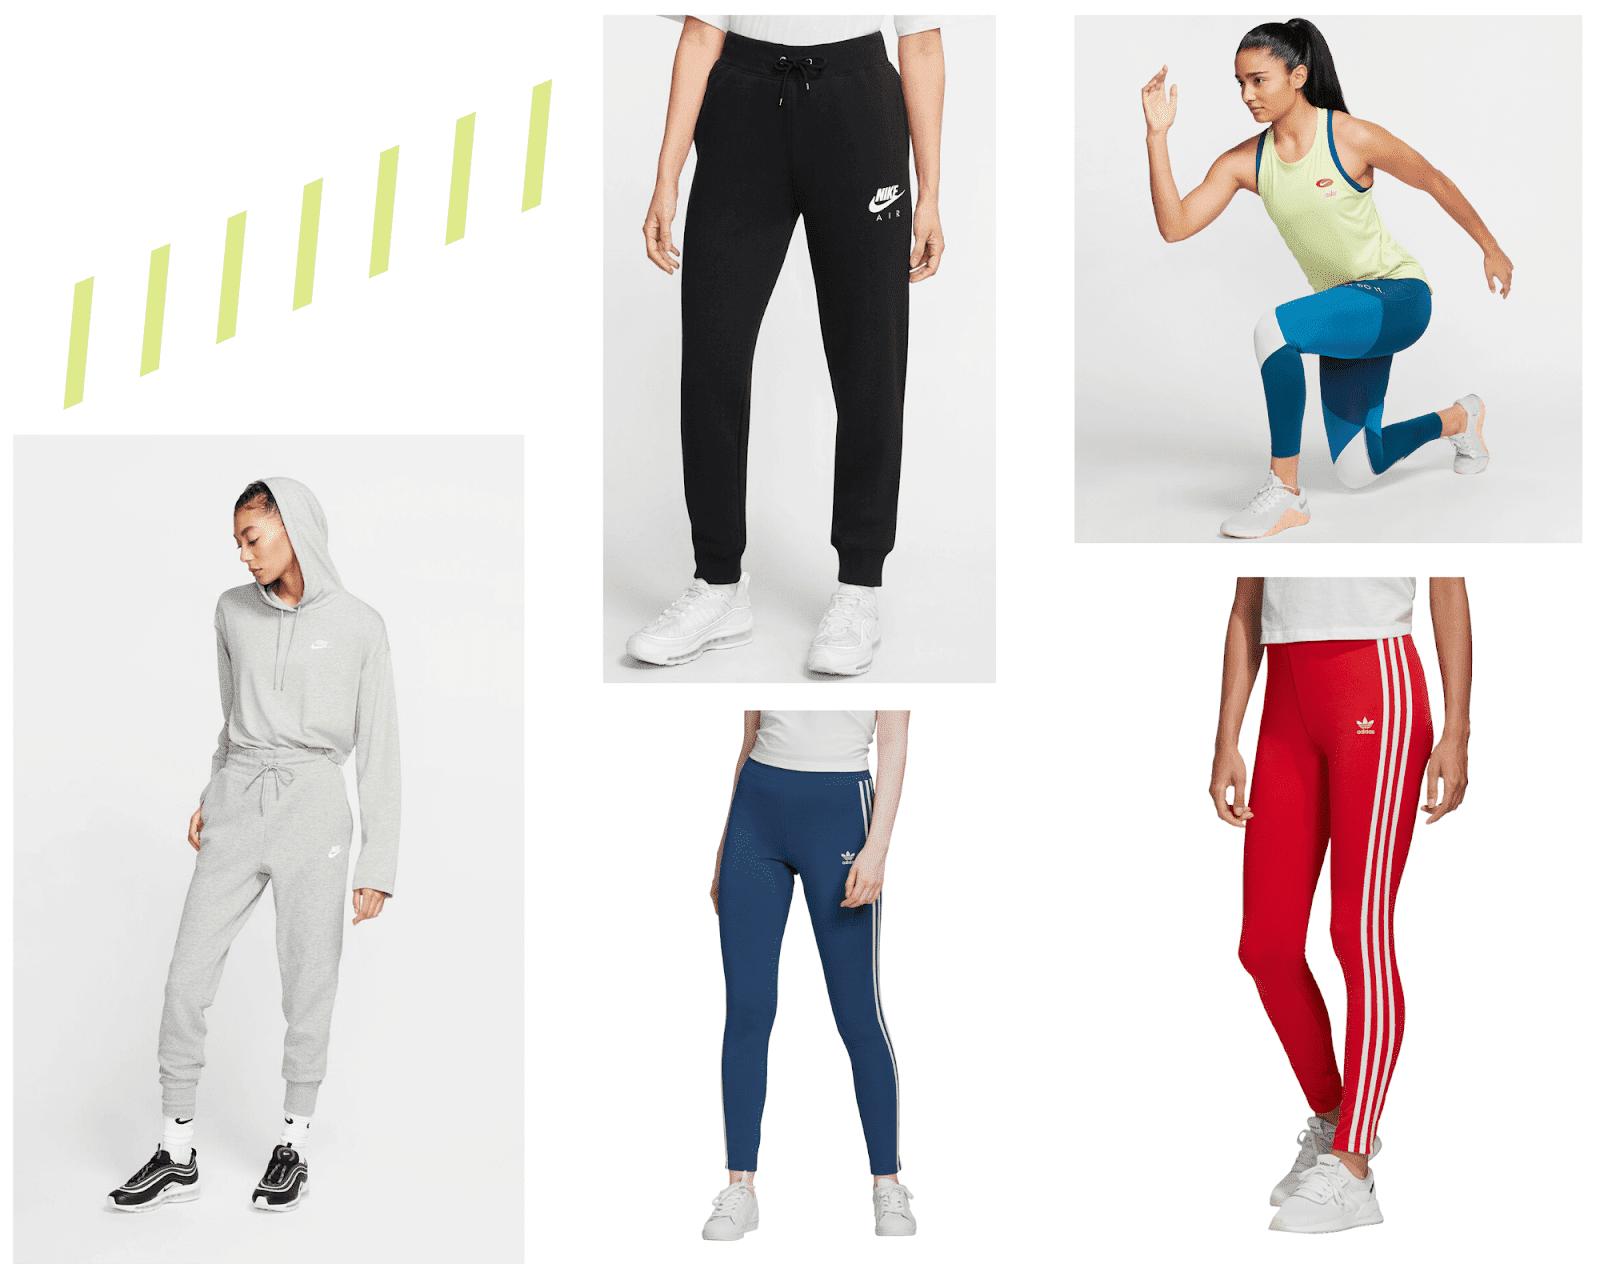 spodnie-dresowe_nike_adidas.png